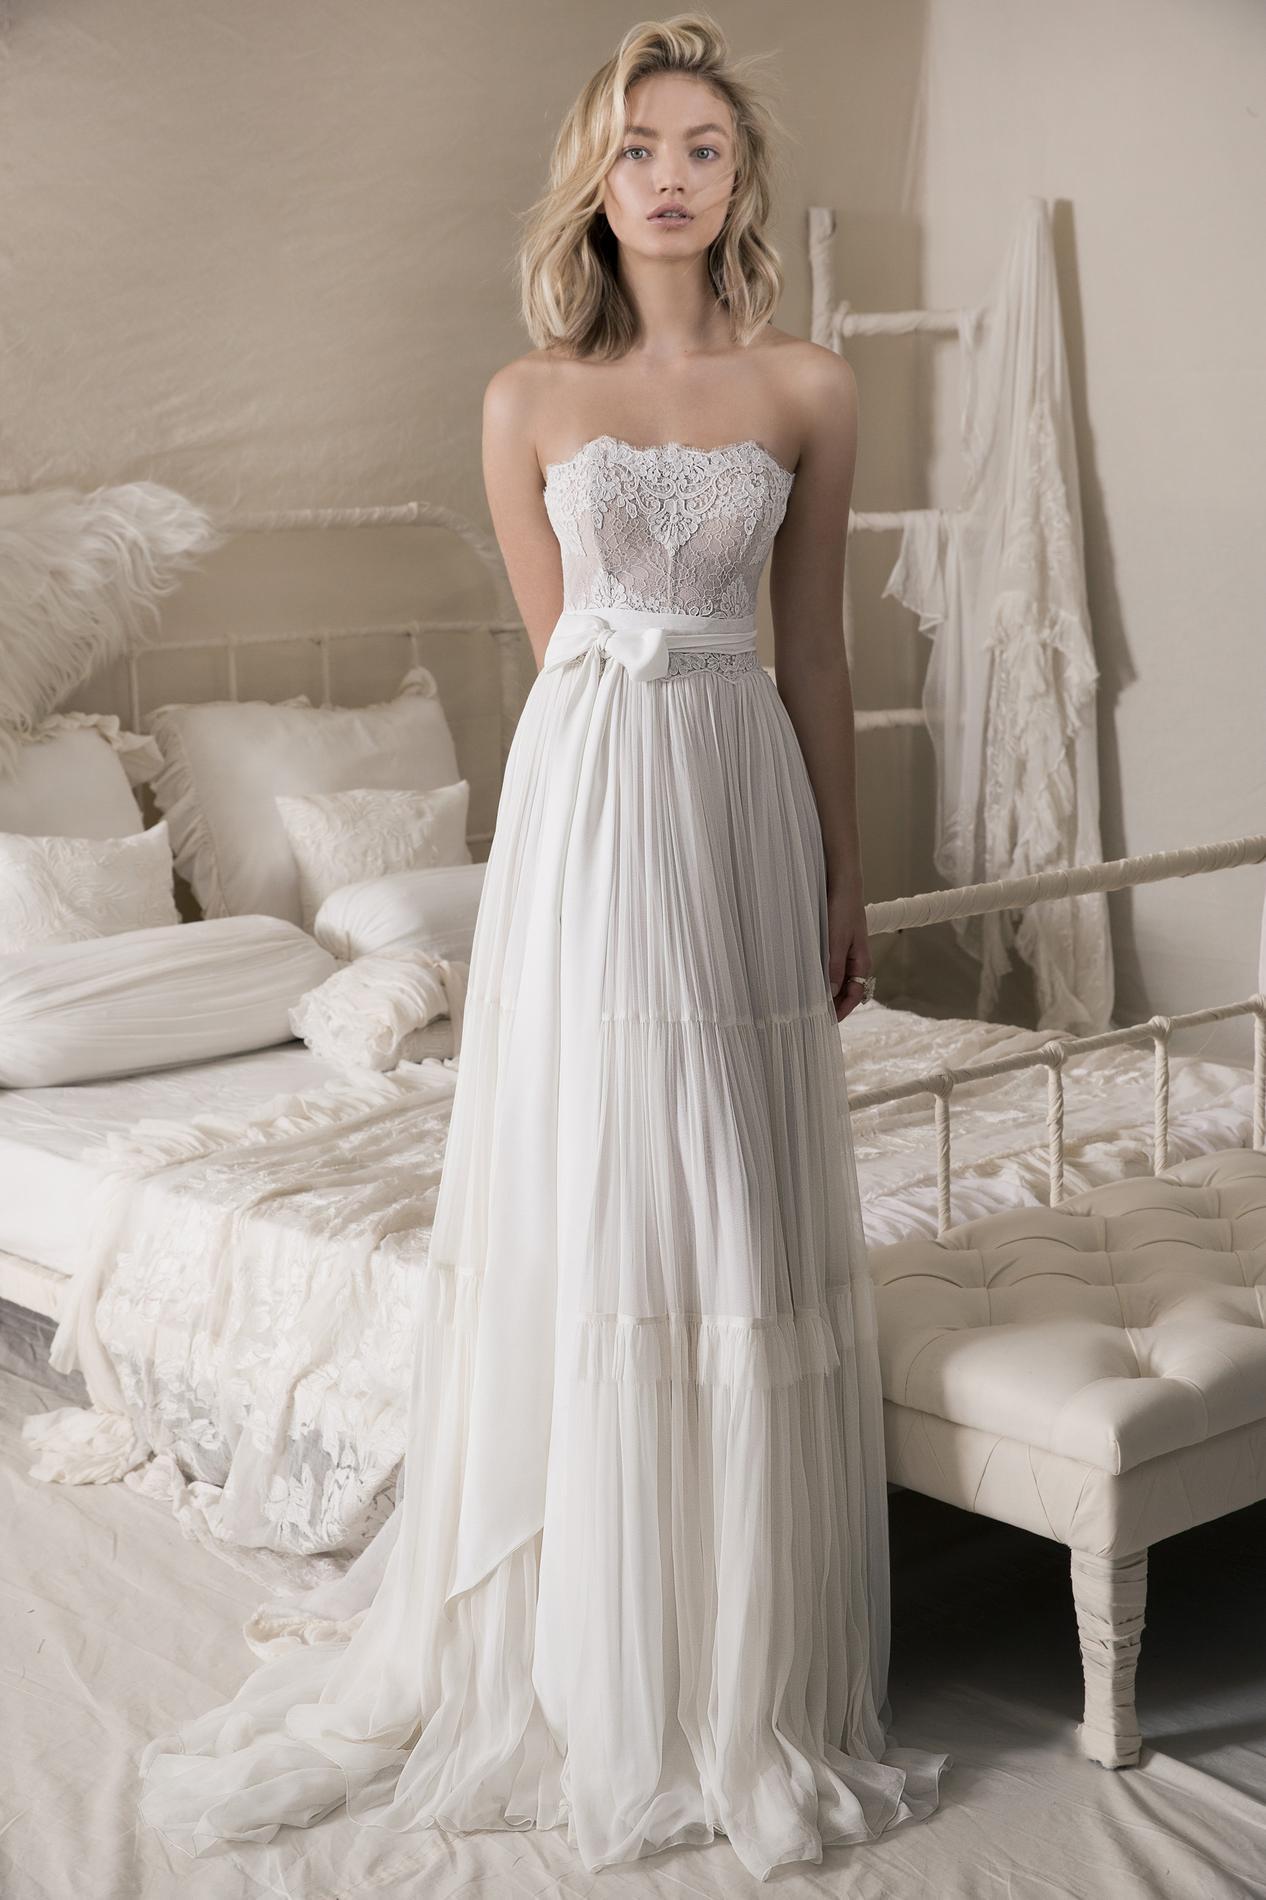 Quelle robe de mariée choisir lorsque l\u0027on a une forte